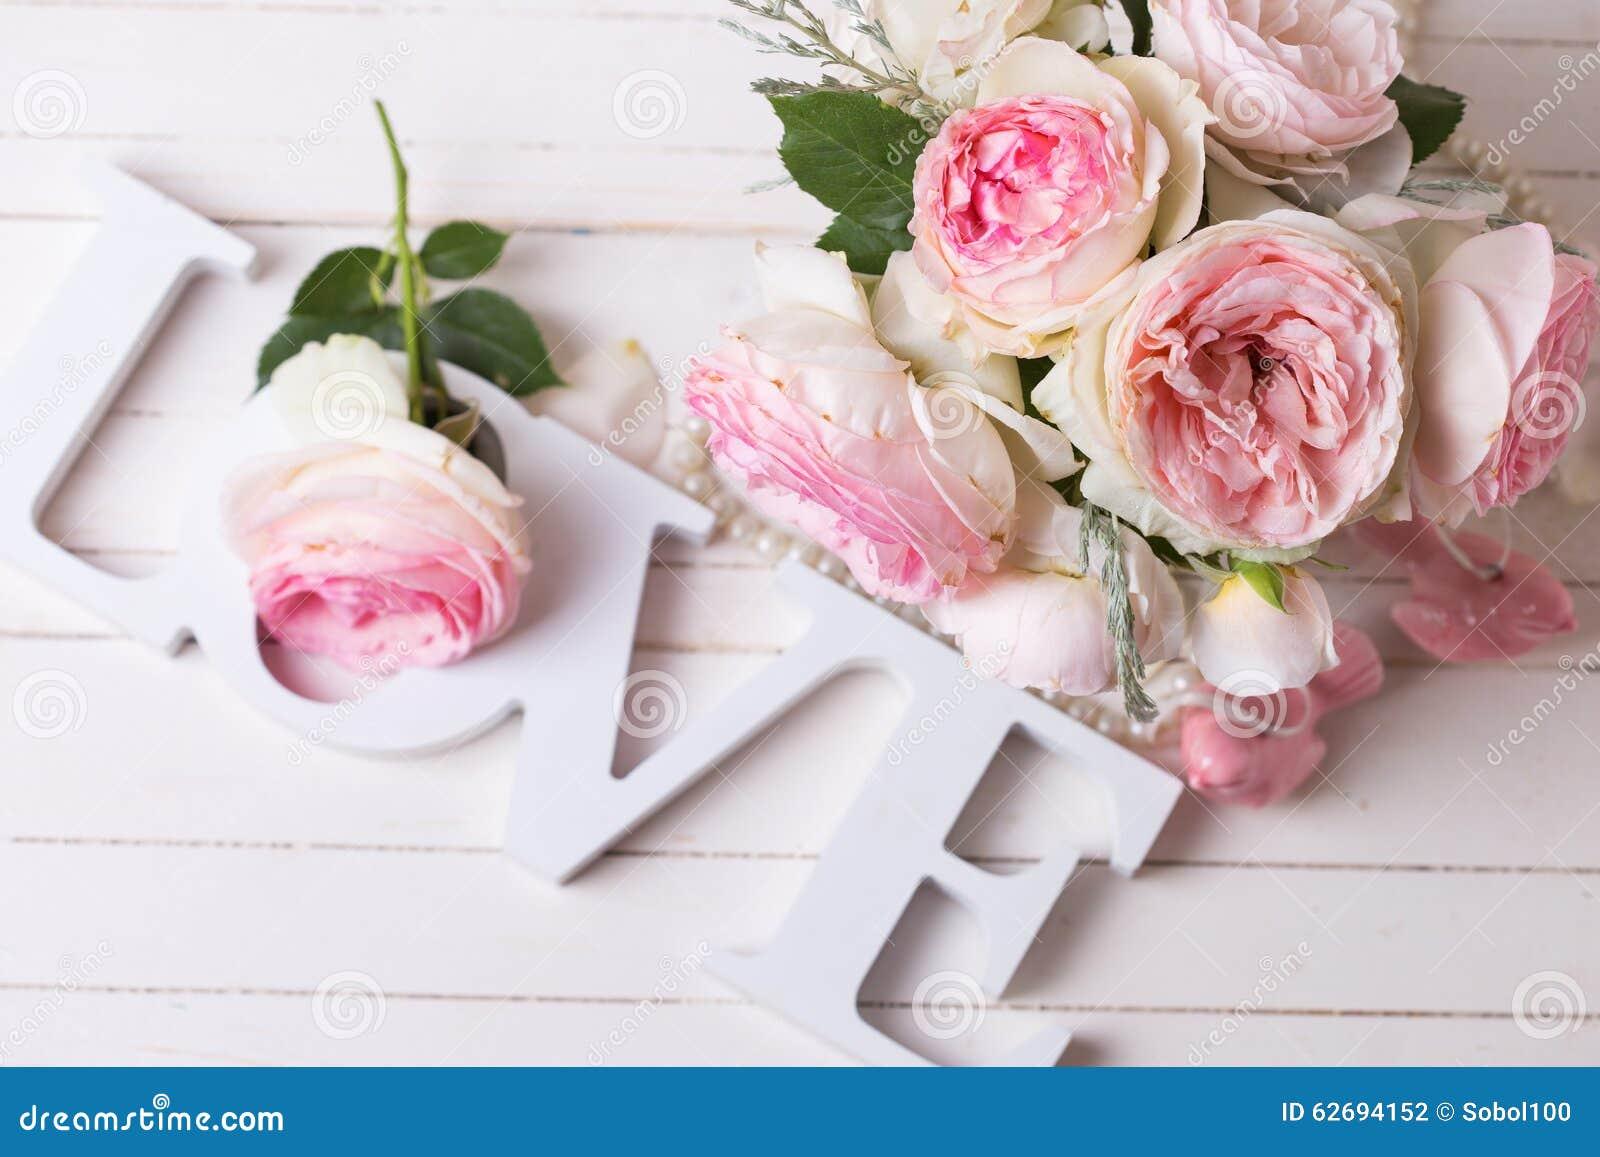 Süße Rosa Rosenblumen Und -wort Lieben Auf Dem Weiß Gemalt Hölzern ...